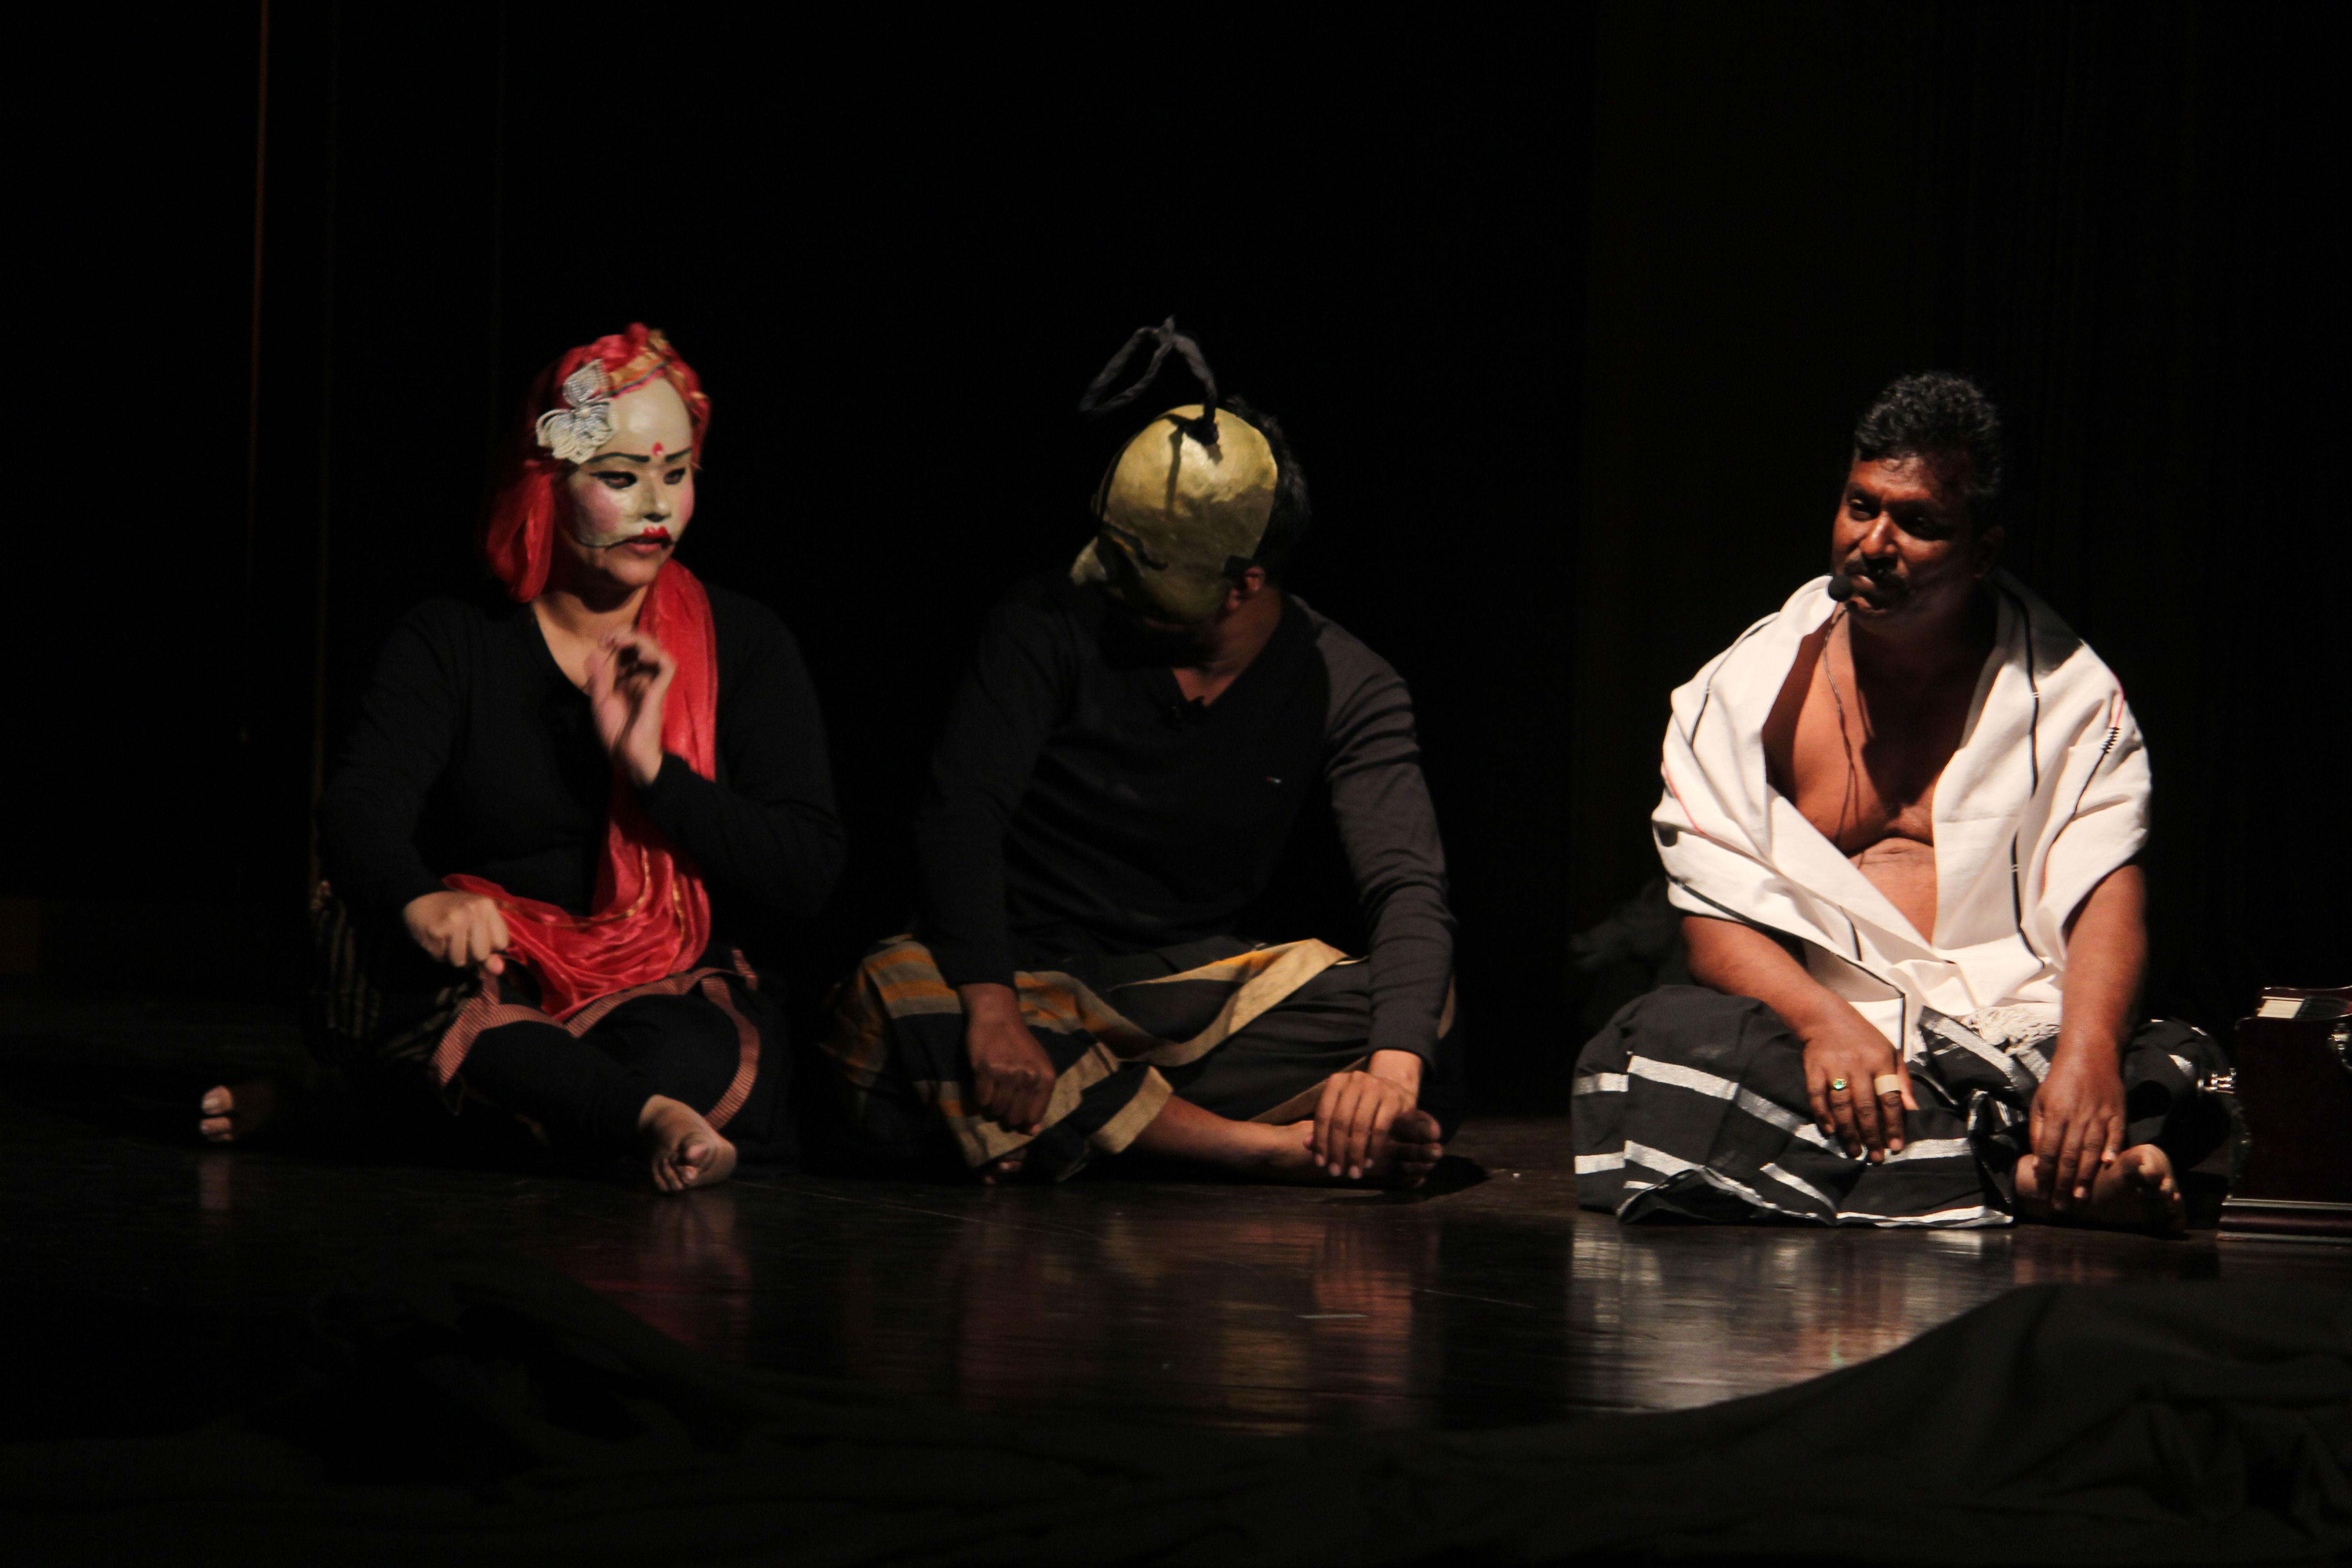 <em>Mahabharata</em> par Katkatha (New Delhi), un spectacle qui explore le dilemme intérieur et les passés de quatorze personnages archétypiques dans l'épopée et pose la question : quelqu'un aurait-il évité la guerre apocalyptique ? Concept et mise en scène : Anurupa Roy, texte : Anamika Mishra, chorégraphie : Avinash Kumar, musique : Suchet Malhotra, éclairage : Milind Shrivastava, construction de marionnettes : Mohammad Shameem, Asha, Anurupa Roy, marionnettistes : Mohammad Shameem, Vivek Kumar, Anurupa Roy, Avinash Kumar, Gunduraju. Théâtre d'ombres, marionnettes à tiges, marionnettes à gaine, masques